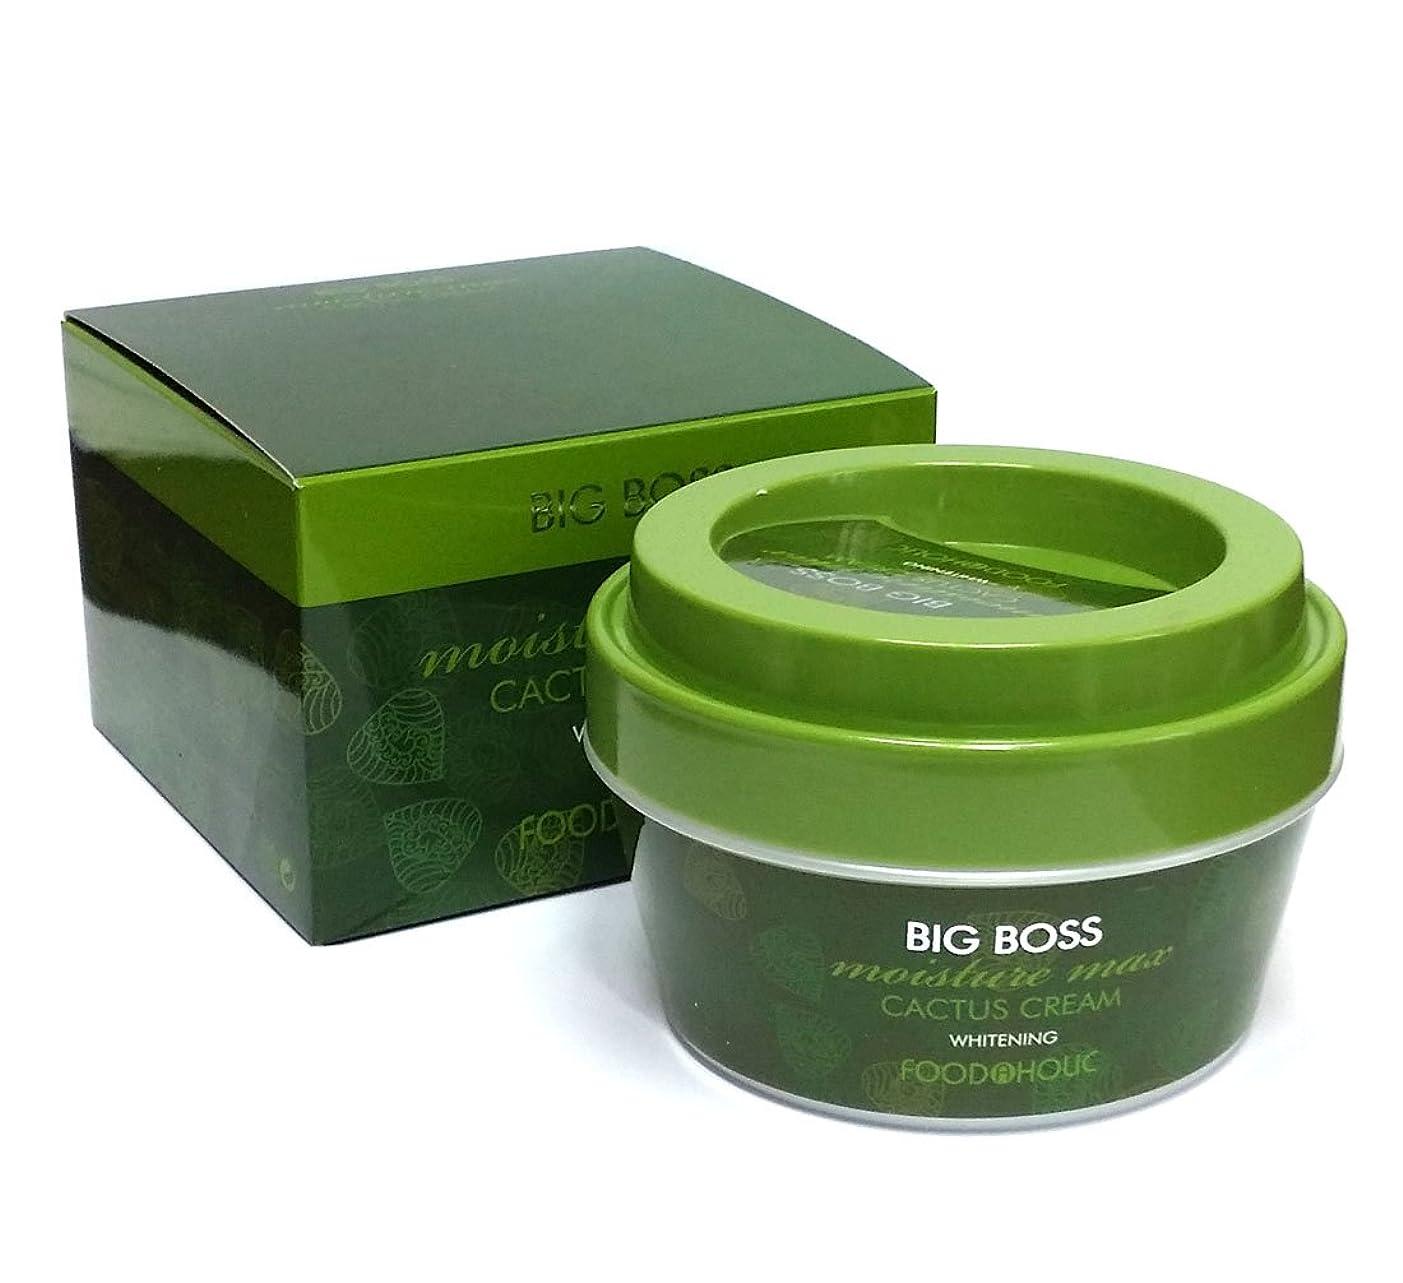 打ち上げる名詞びっくりする[FoodaHolic] ビッグボスモイスチャーマックスサボテンクリーム300g / Big Boss Moisture Max Cactus Cream 300g / ホワイトニング / Whitening / 韓国化粧品 / Korean Cosmetics [並行輸入品]